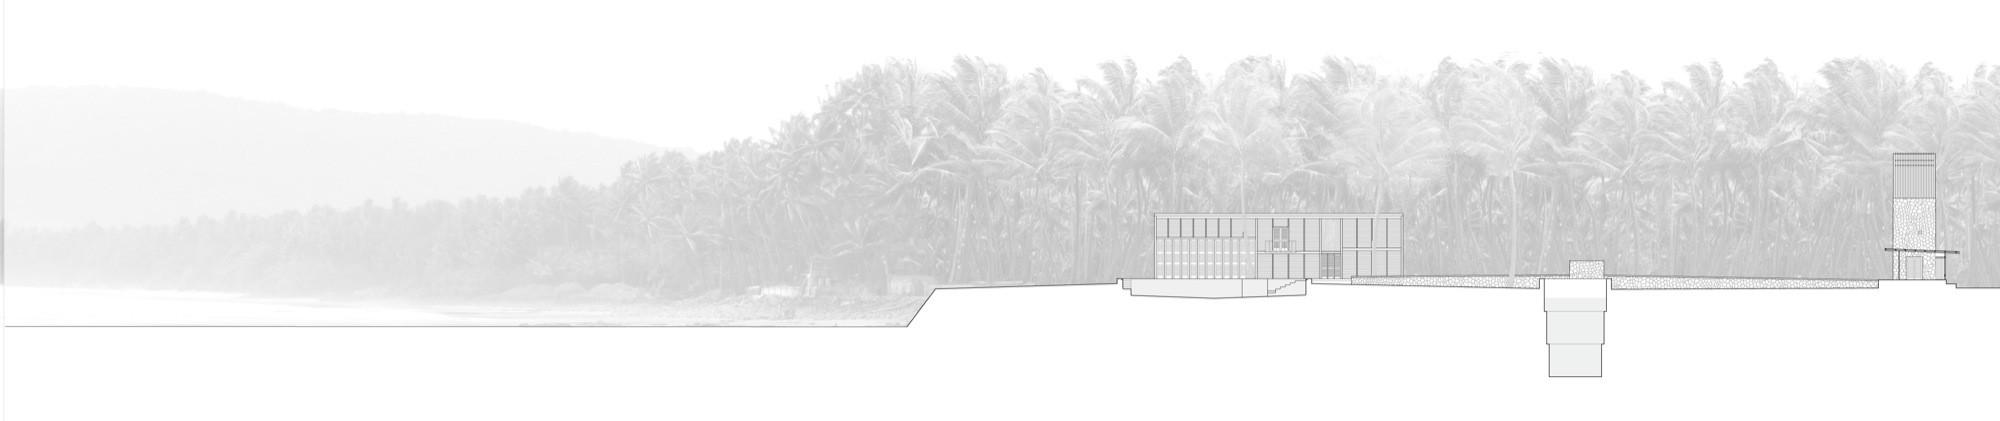 Gallery of Palmyra House  Studio Mumbai  21